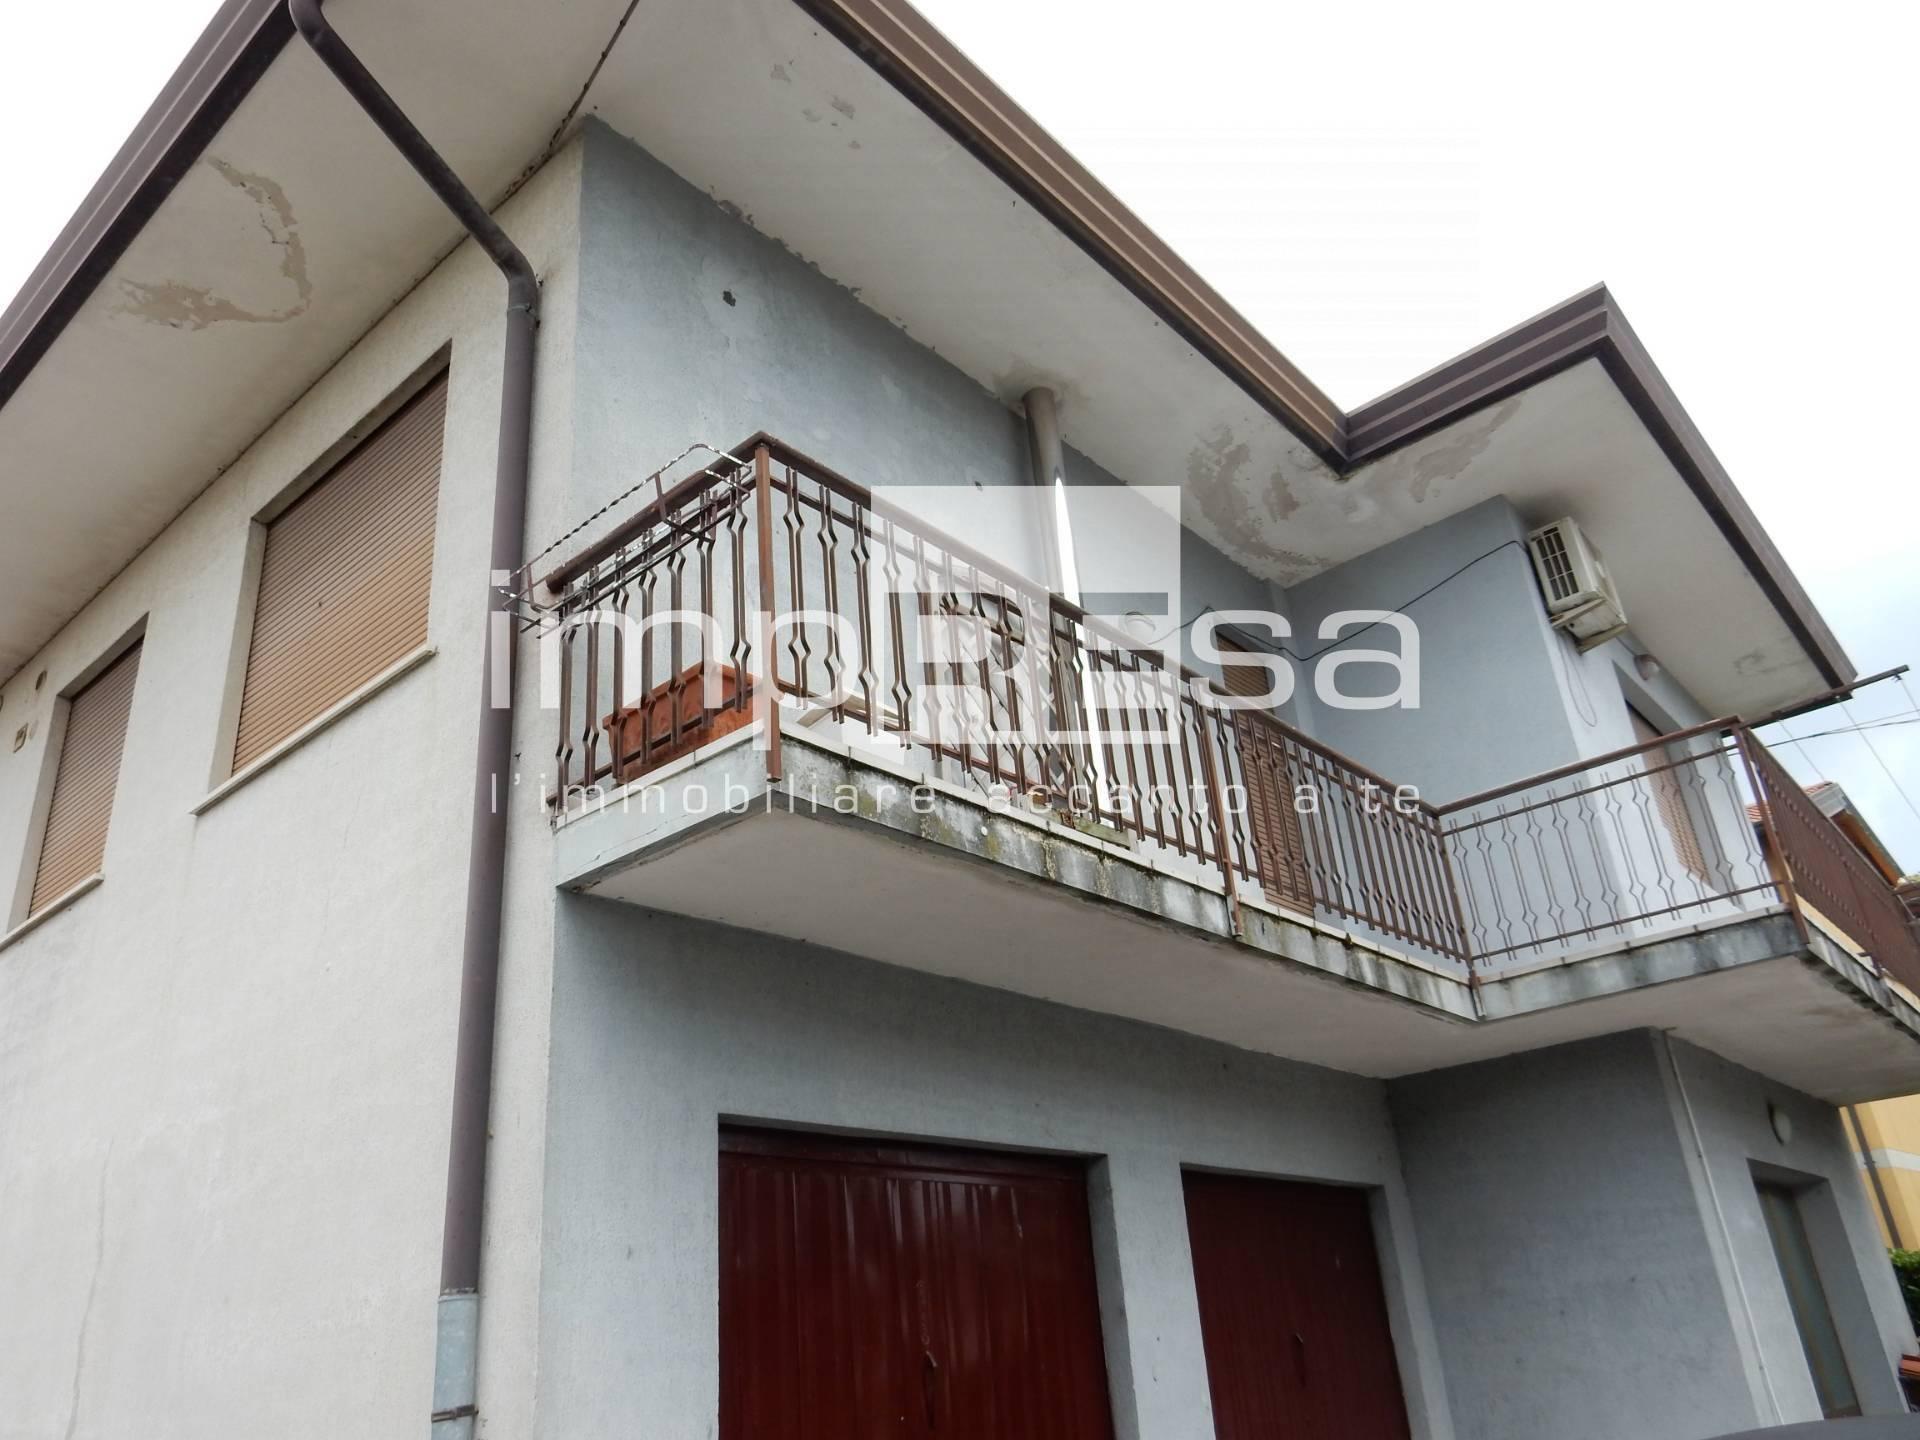 Appartamento in vendita a Paese, 4 locali, zona Località: Centro, prezzo € 77.000 | PortaleAgenzieImmobiliari.it